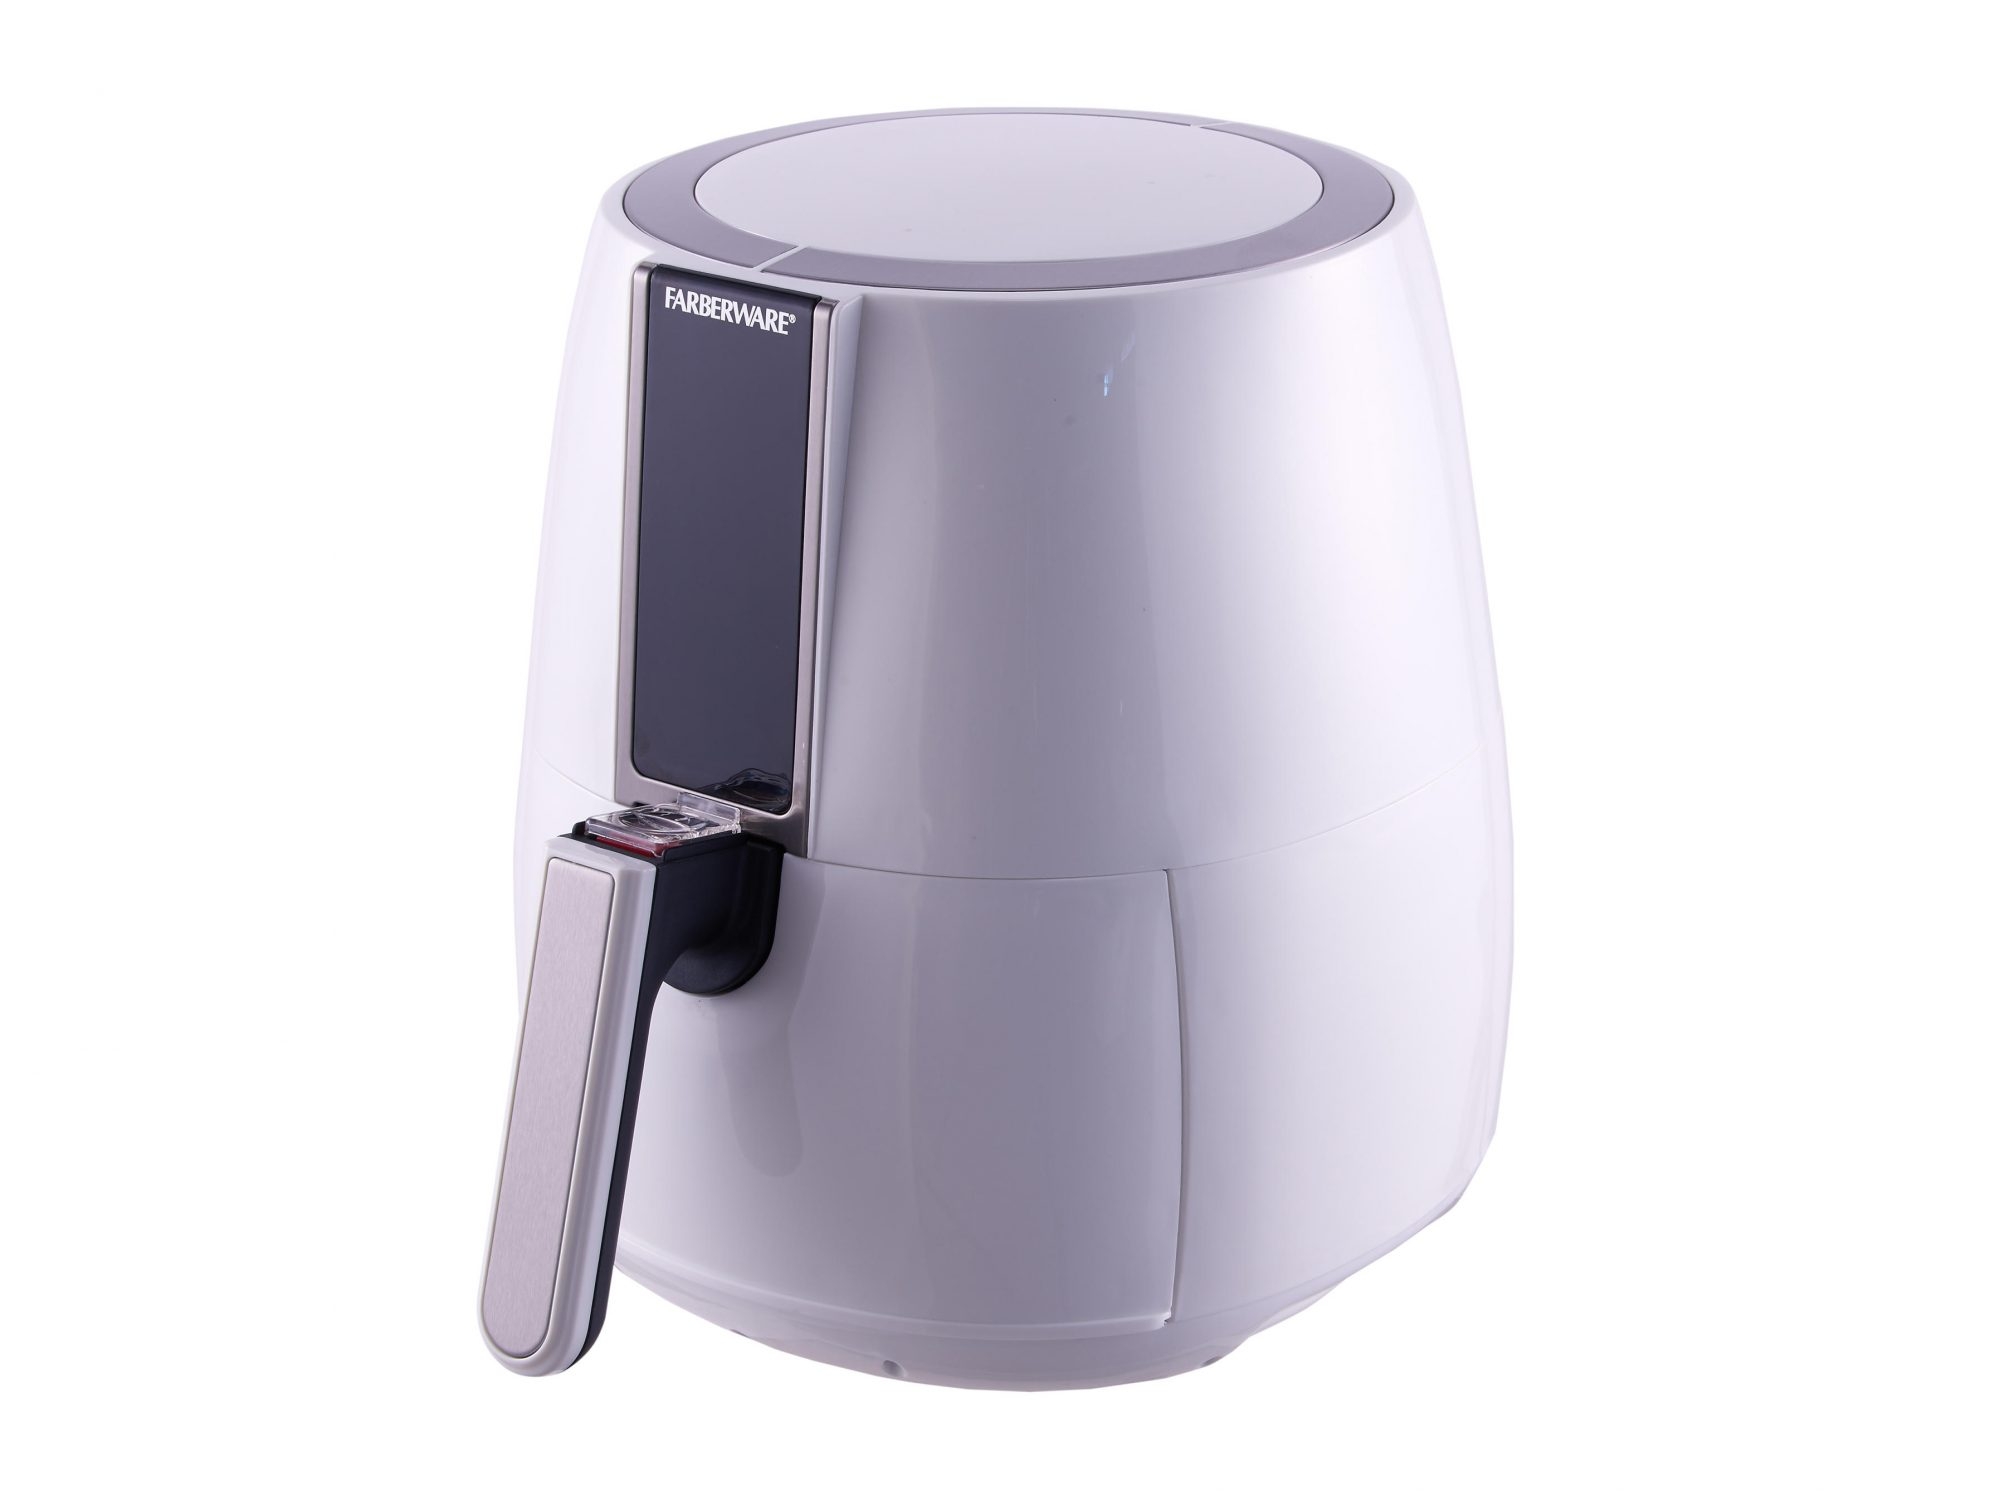 Farberware 3.2 Quart Digital Air Fryer